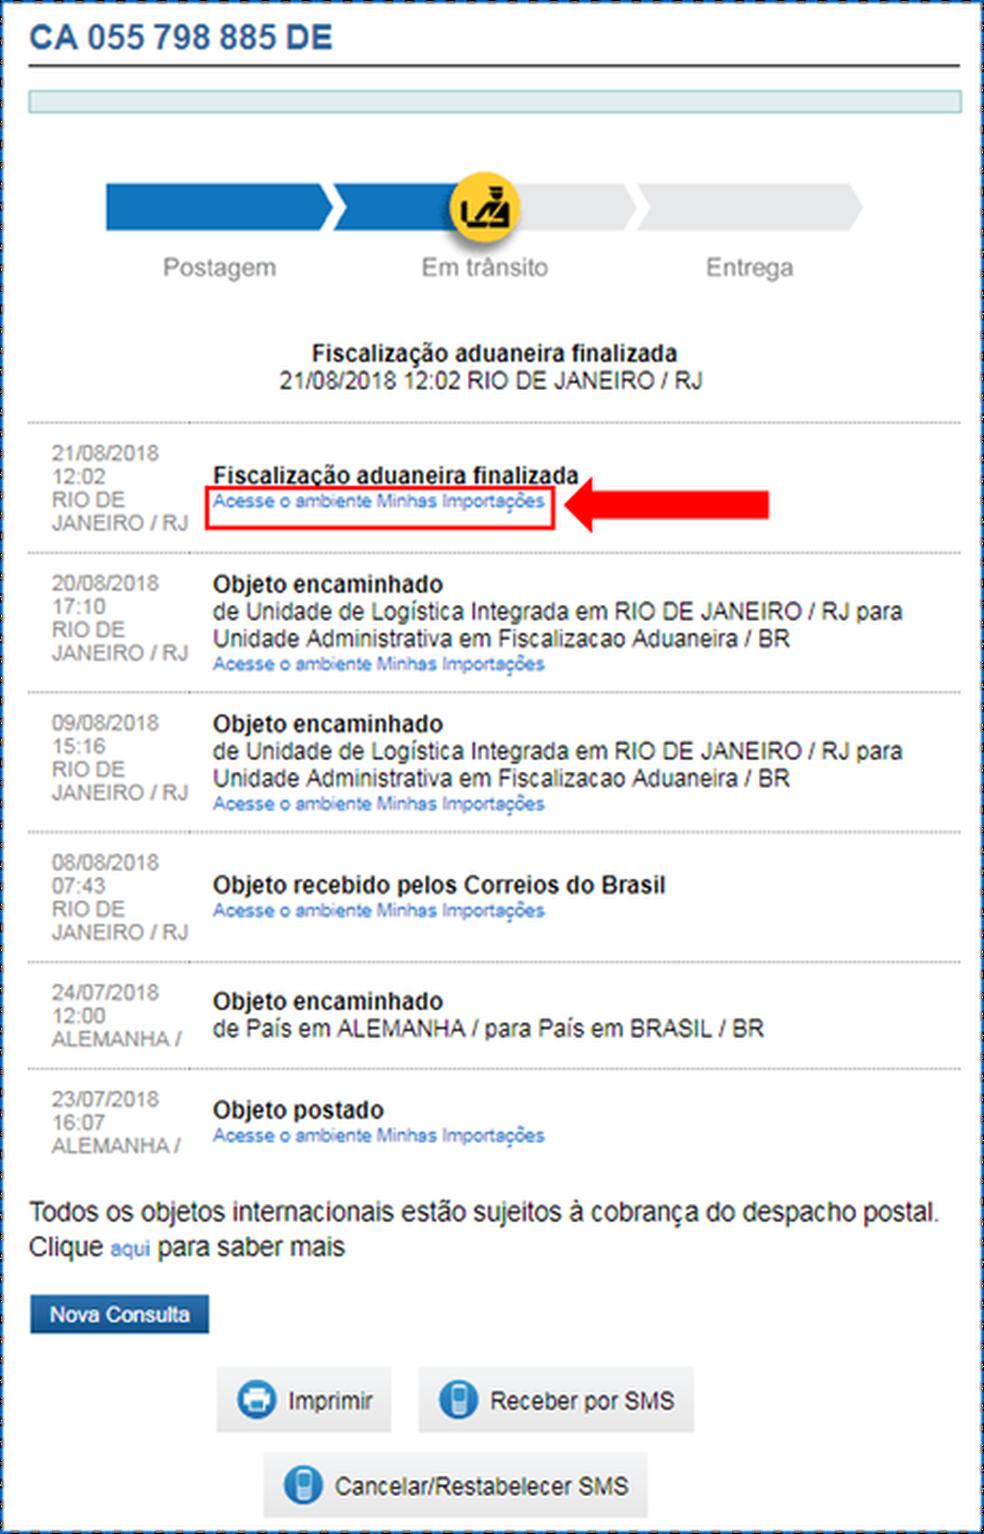 Tela de pagamento do despacho postal dos Correios (Foto: Reprodução)